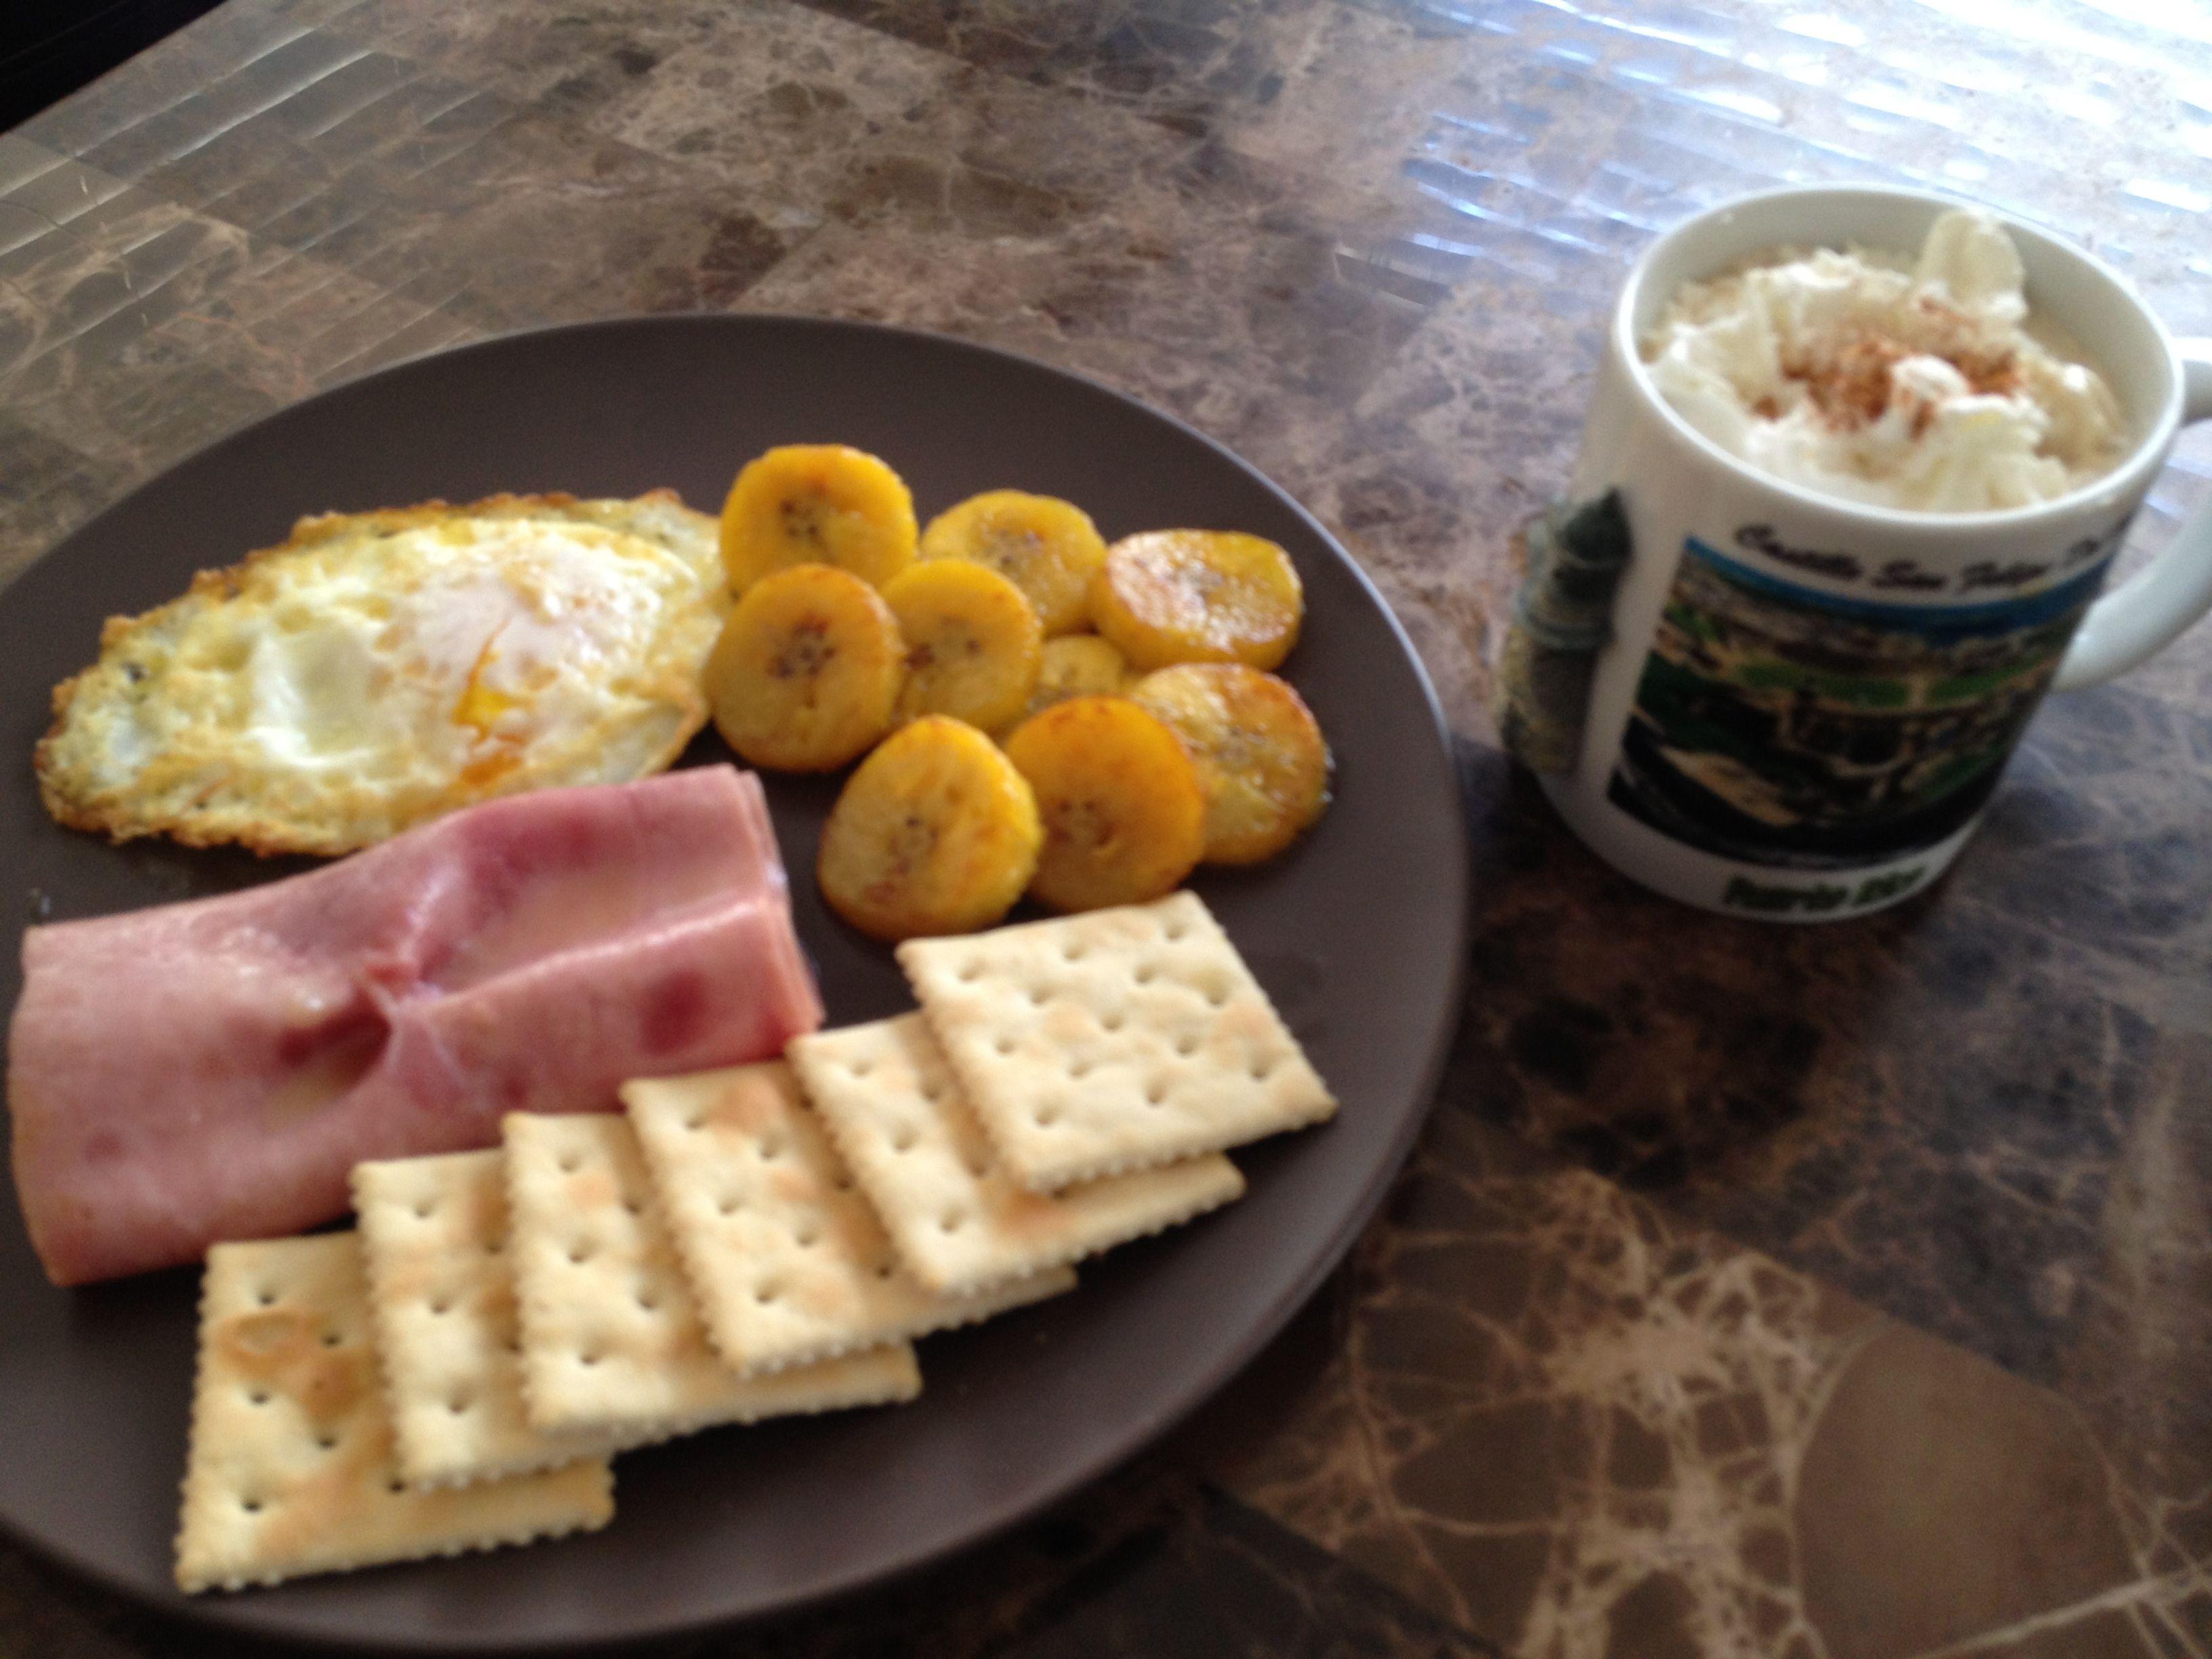 desayuno boricua aqui faltan los sorullitos para mojar con huevo